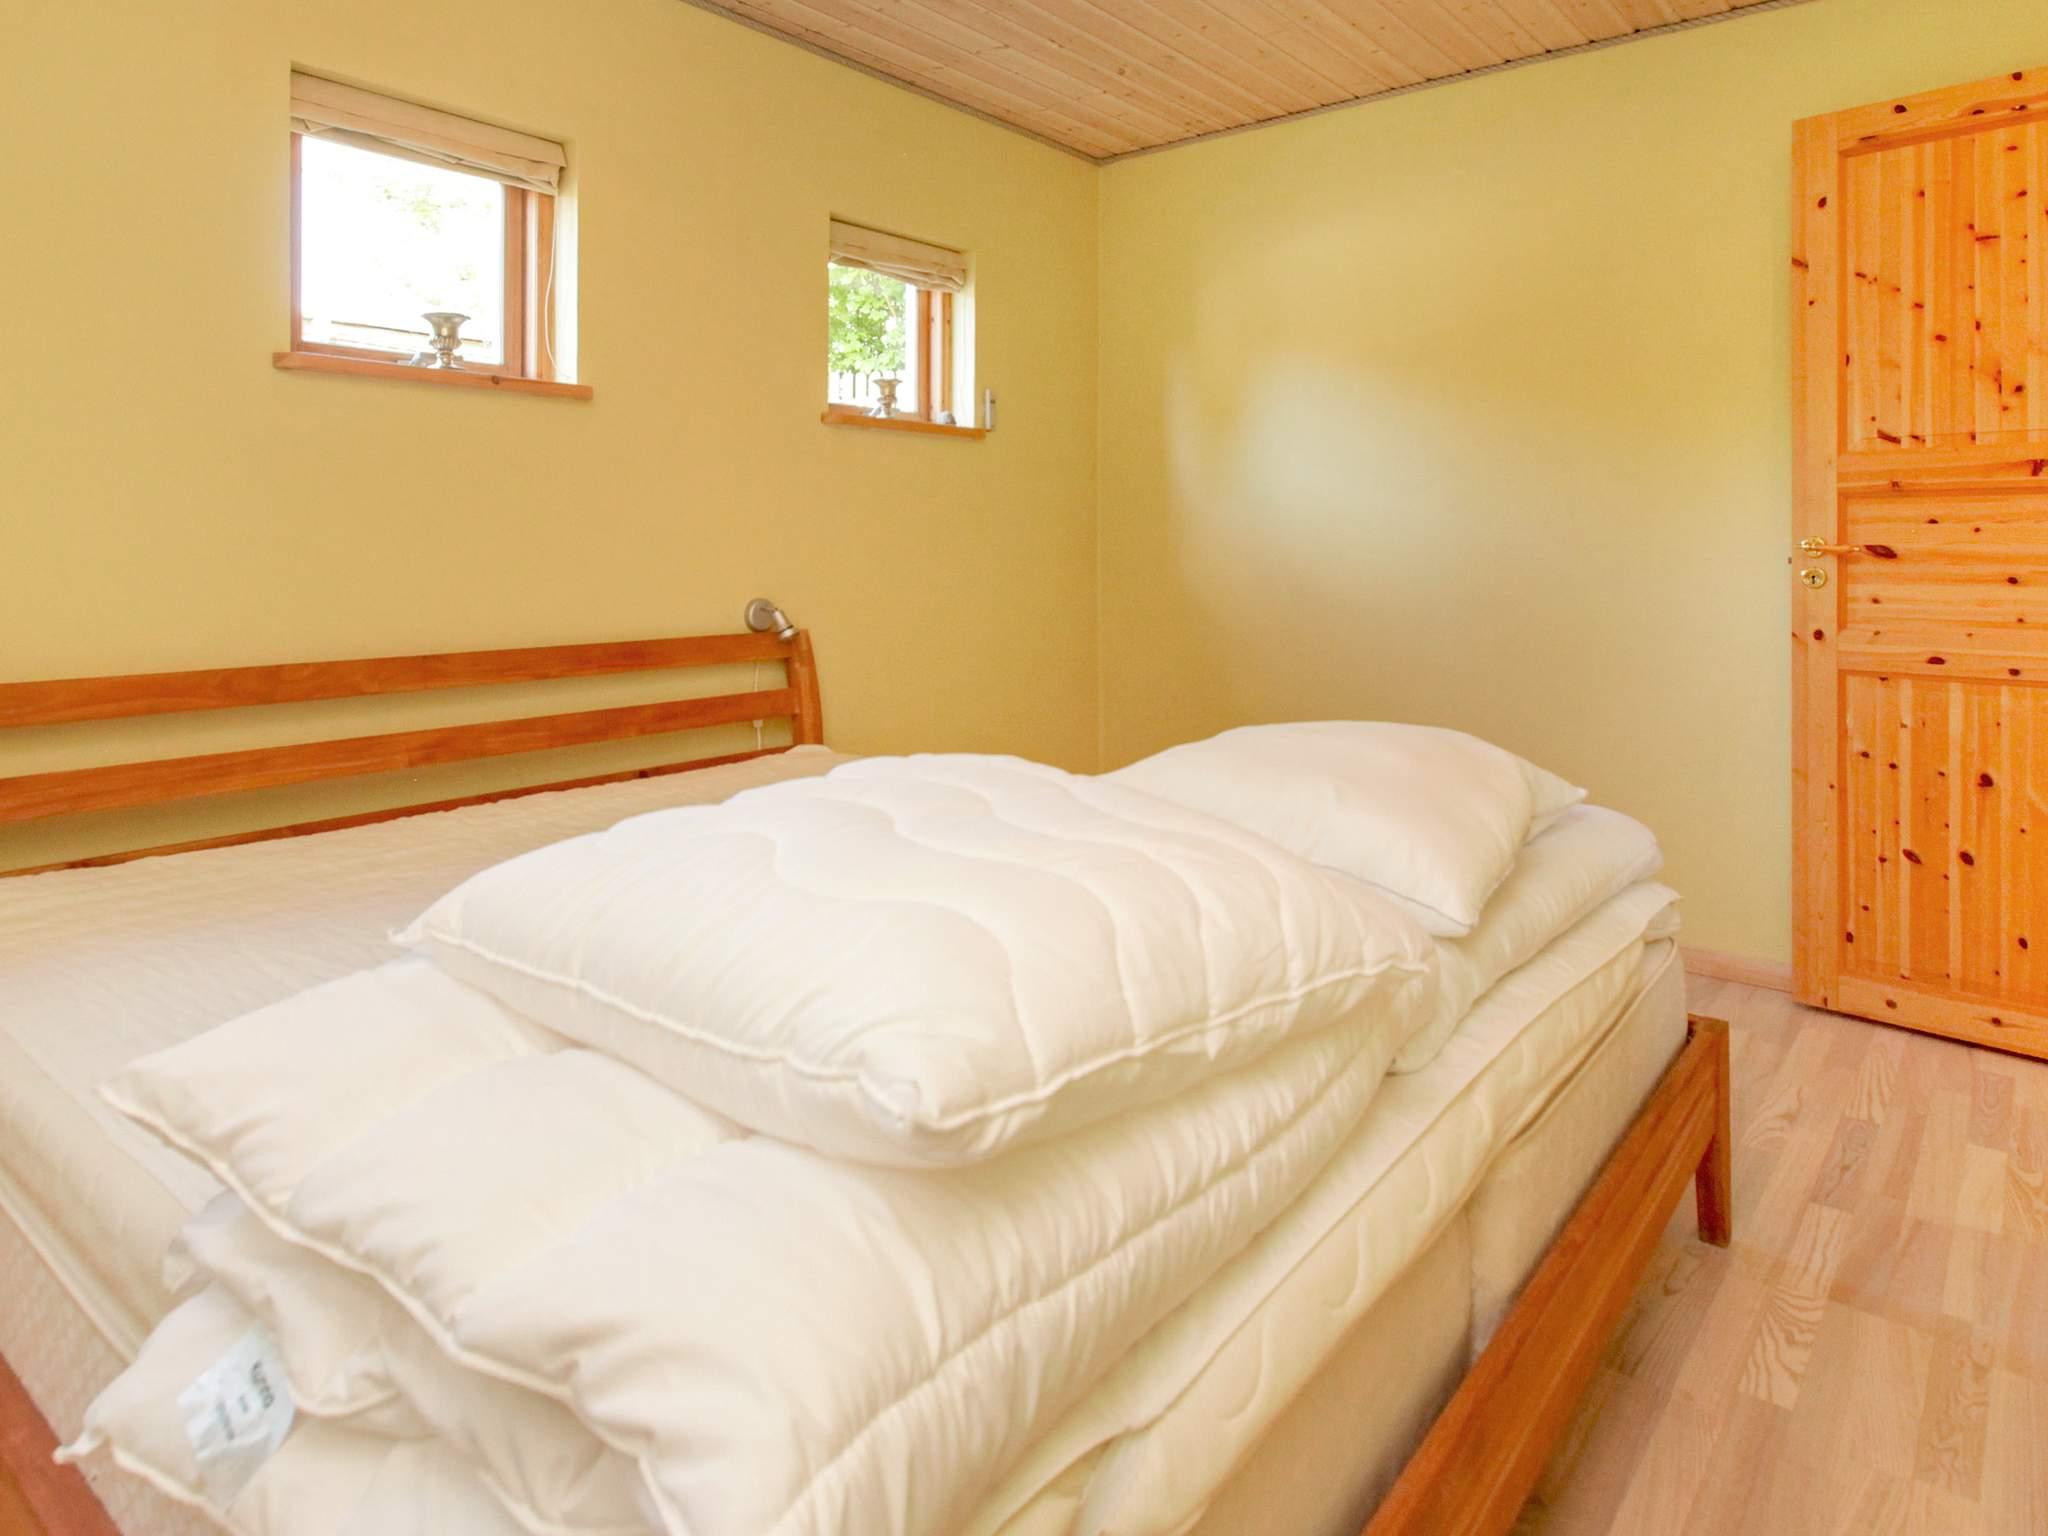 Ferienhaus Kulhuse (2413706), Kulhuse, , Nordseeland, Dänemark, Bild 7